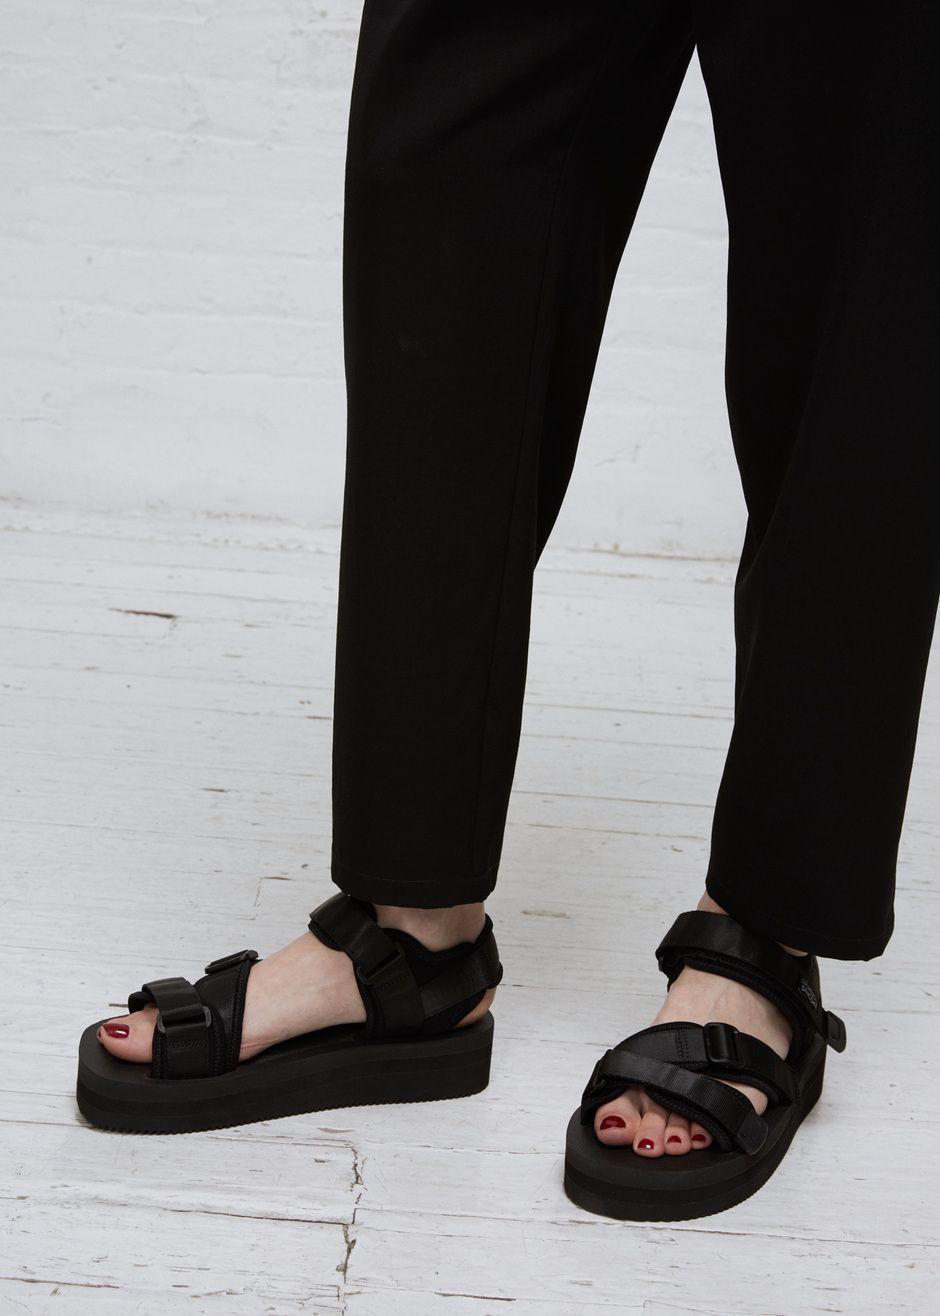 78dfab1e612 Kisee-VPO | Wardrobe SS | Shoes, Black sandals, Fashion